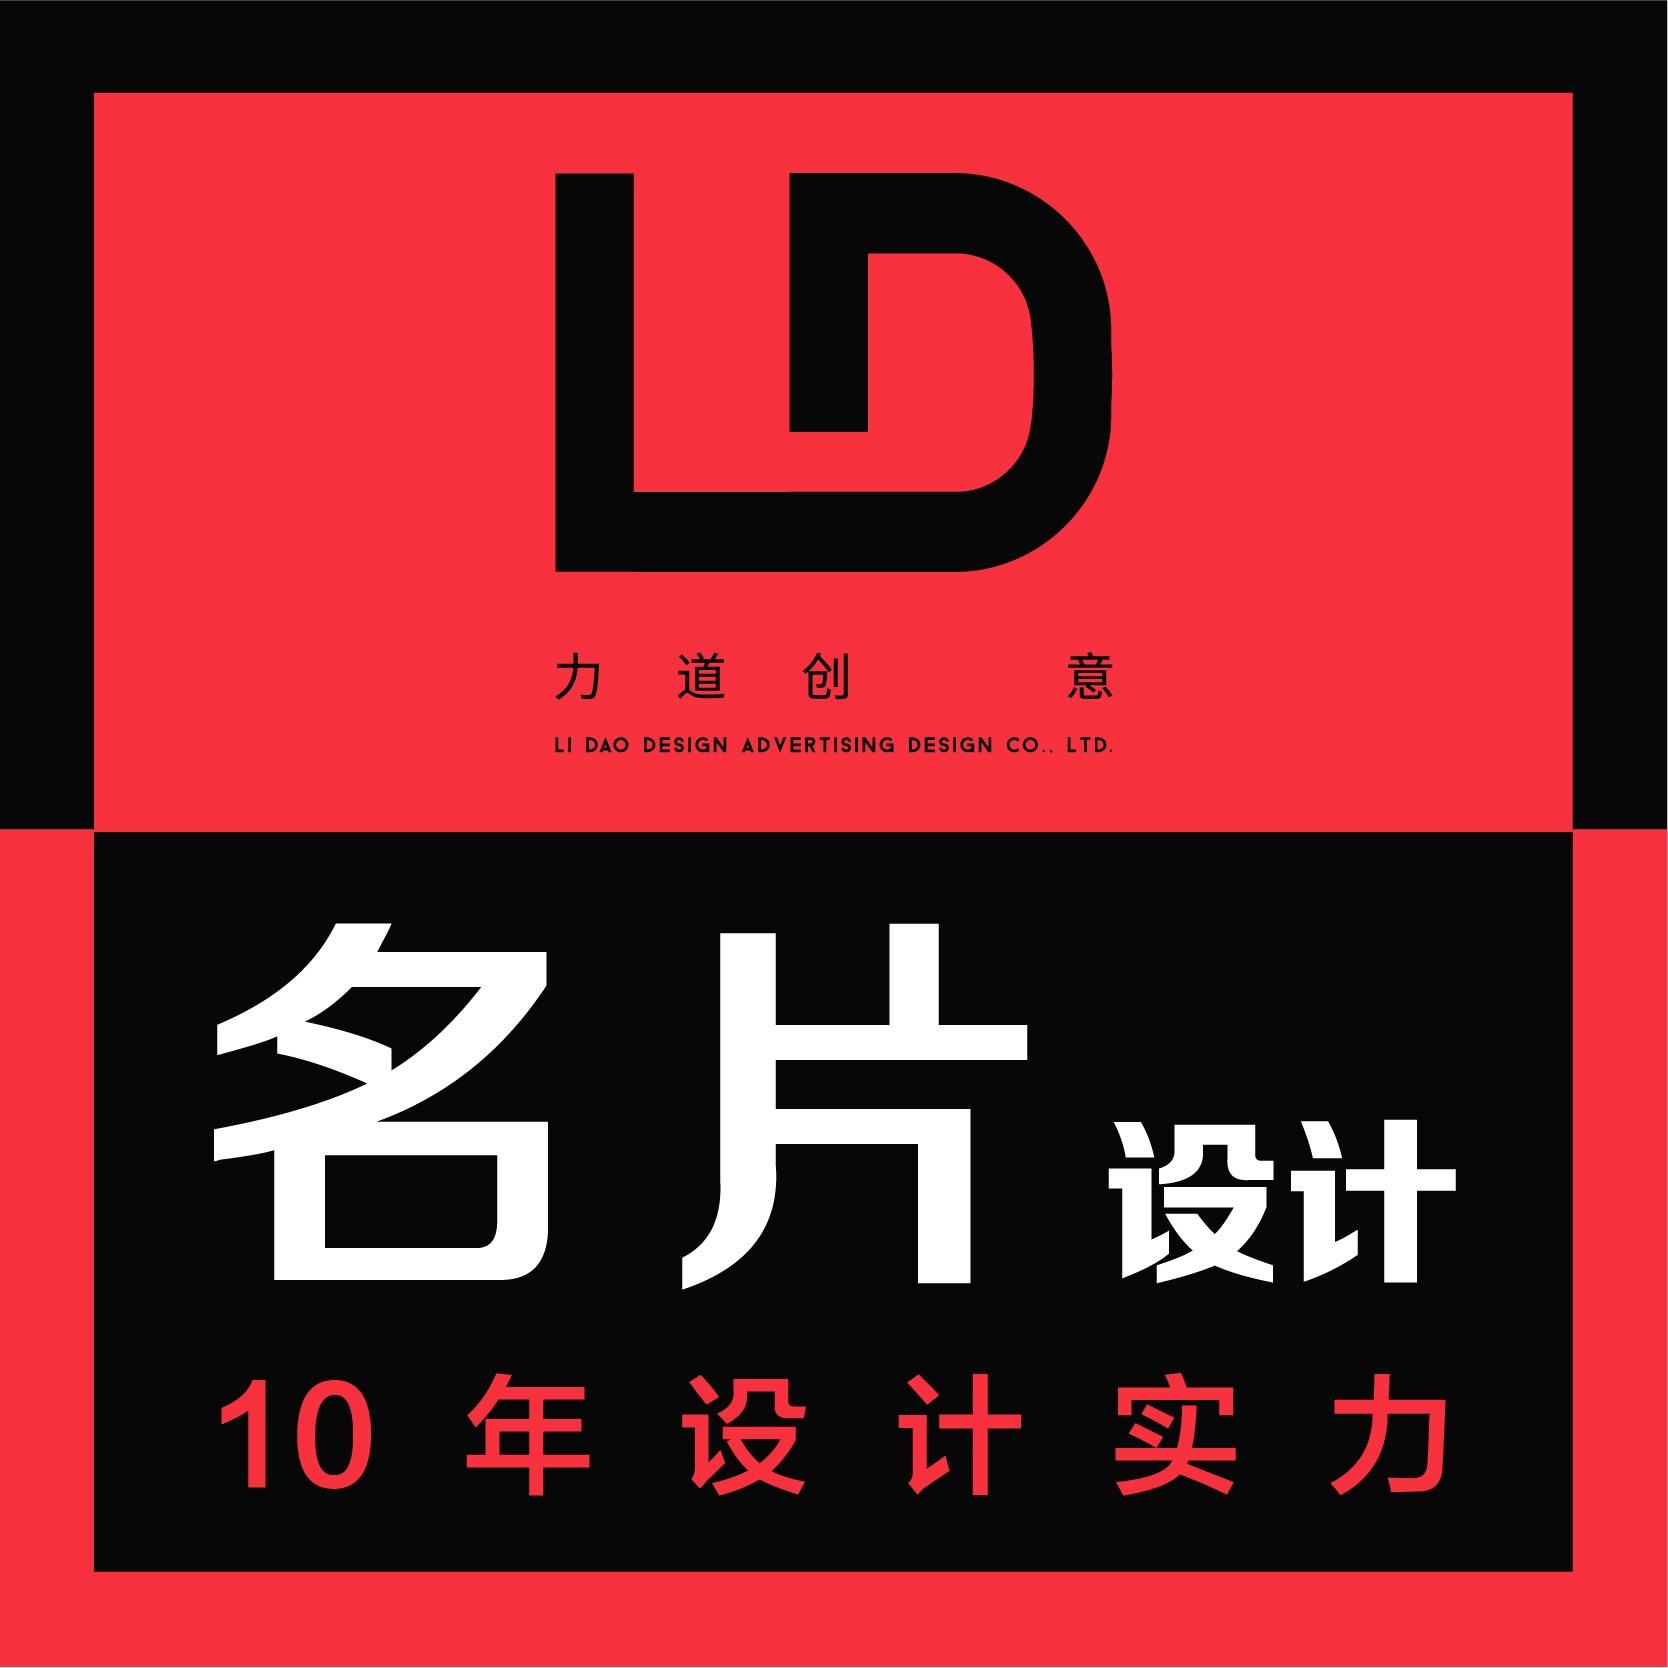 创意高端名片设计个人公司企业***设计会员卡购物卡片设计标志